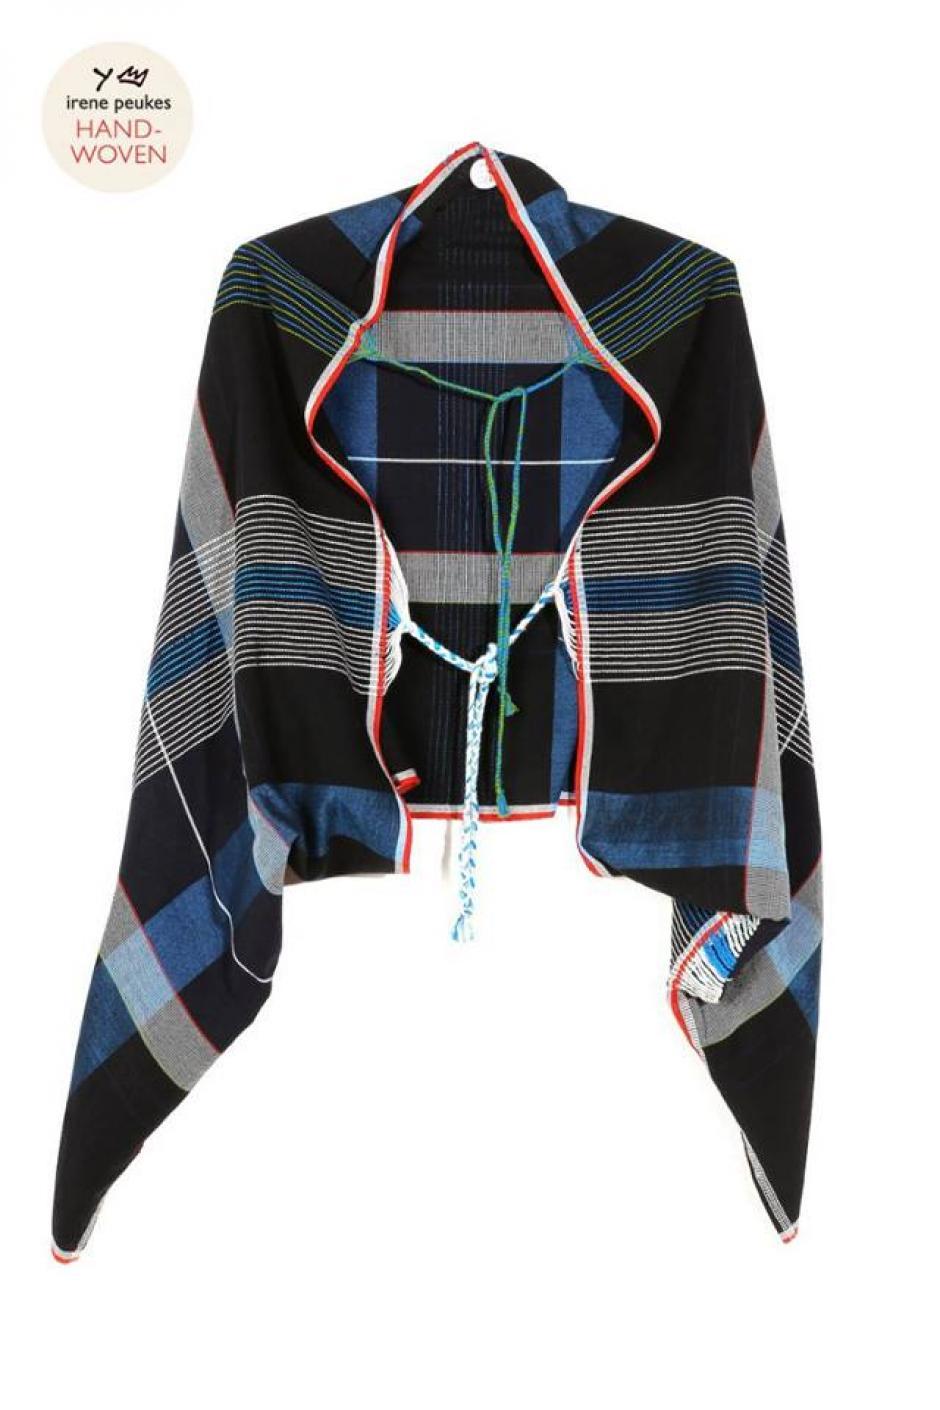 Guate va vest es el nombre de las colecciones de ropa. (Foto: Pla)